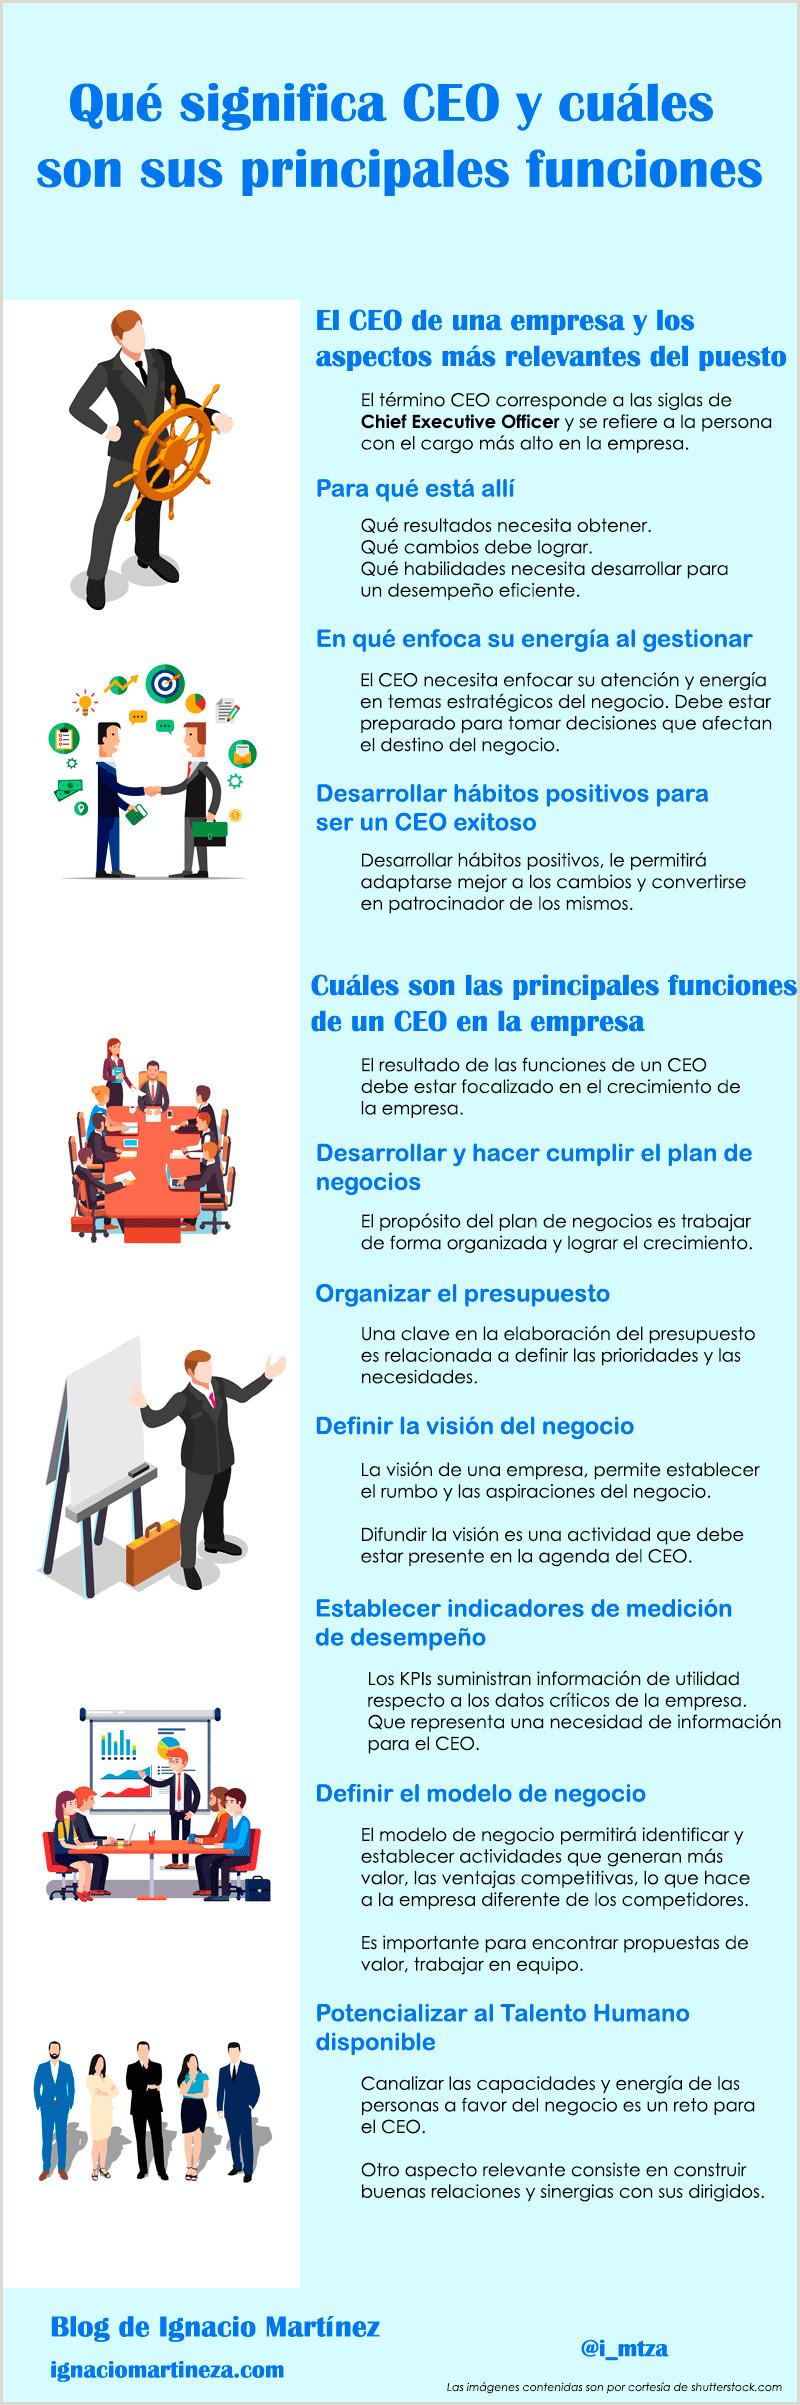 Qué significa CEO y cuáles son sus principales funciones